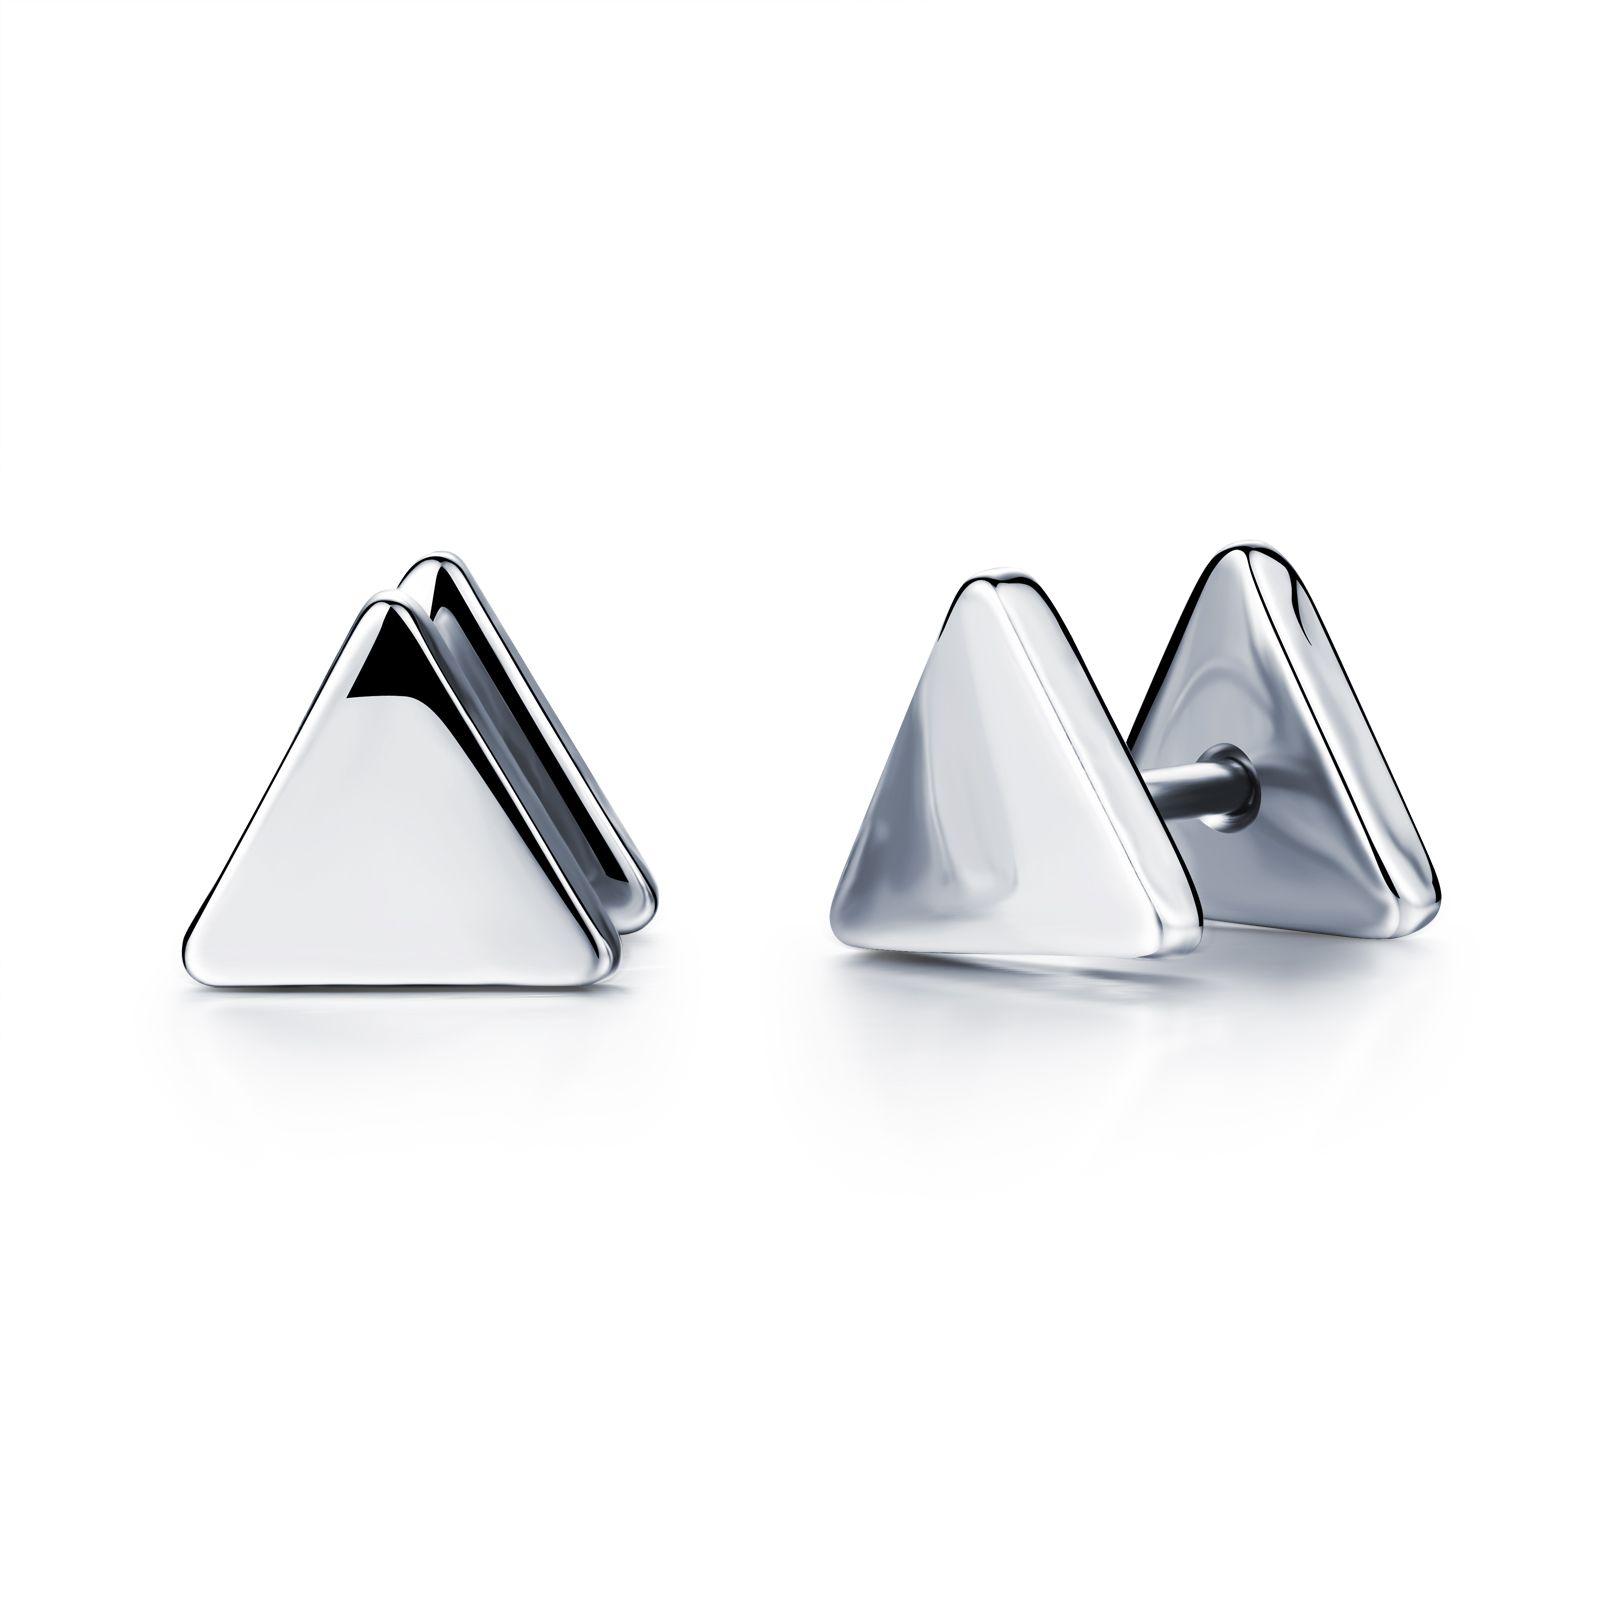 Aretes modernos de tornillo triangular en acero inoxidable